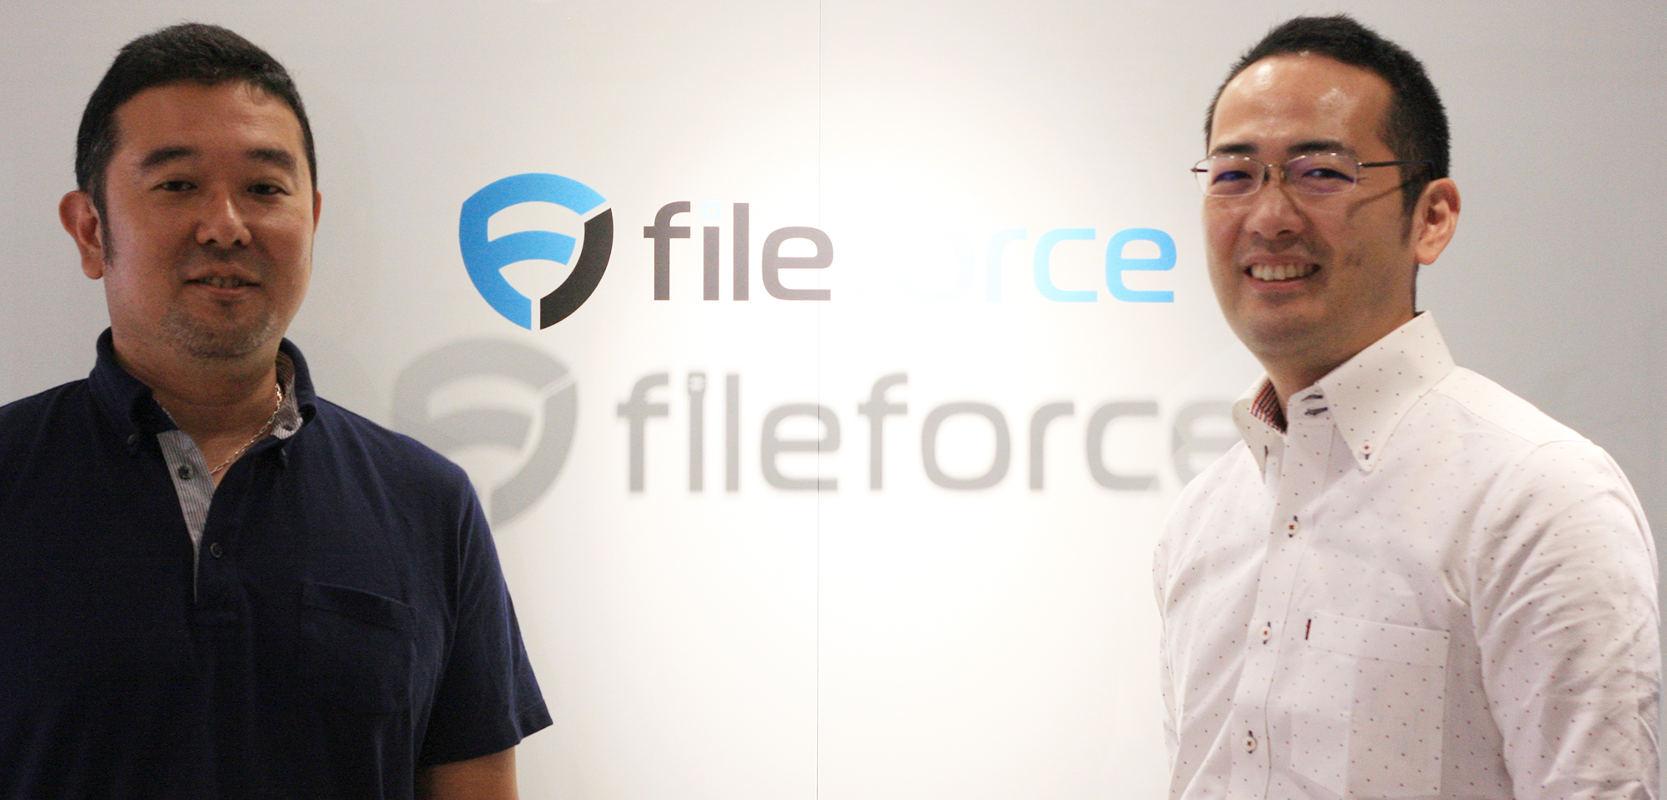 SFA(営業支援ツール)定着のため3つの選定基準【成功事例付】 | Senses Lab. | fileforce